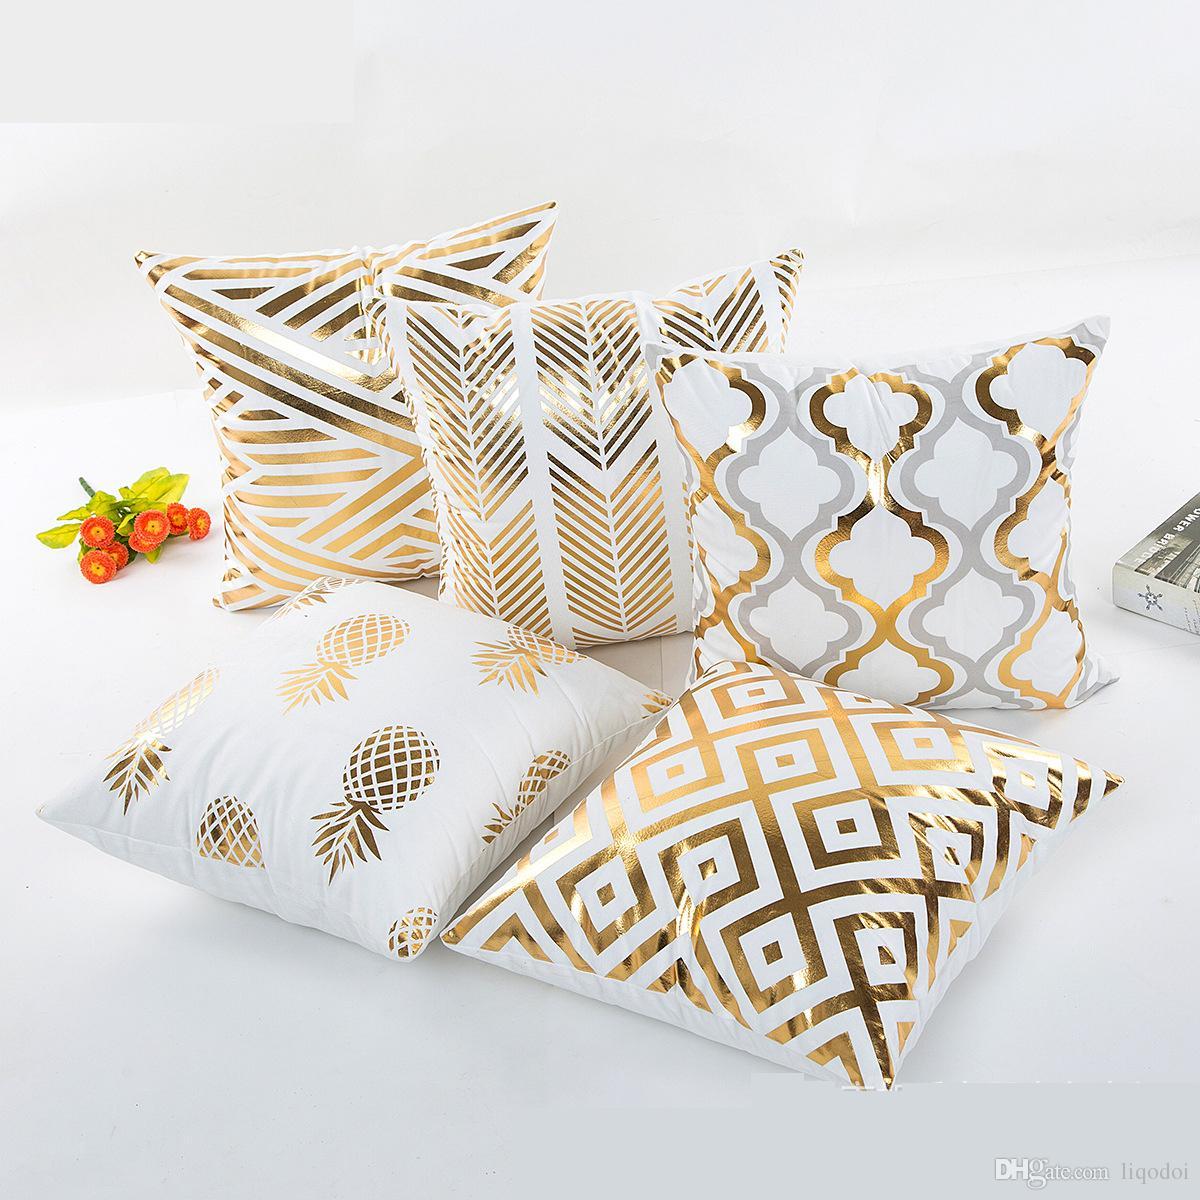 Supersoft Kadife Bronzlaşmaya Yastık Örtüsü Minder Örtüsü Ev Dekor Yastık Dekoratif Altın ve beyaz Renk Yastık Kılıfı